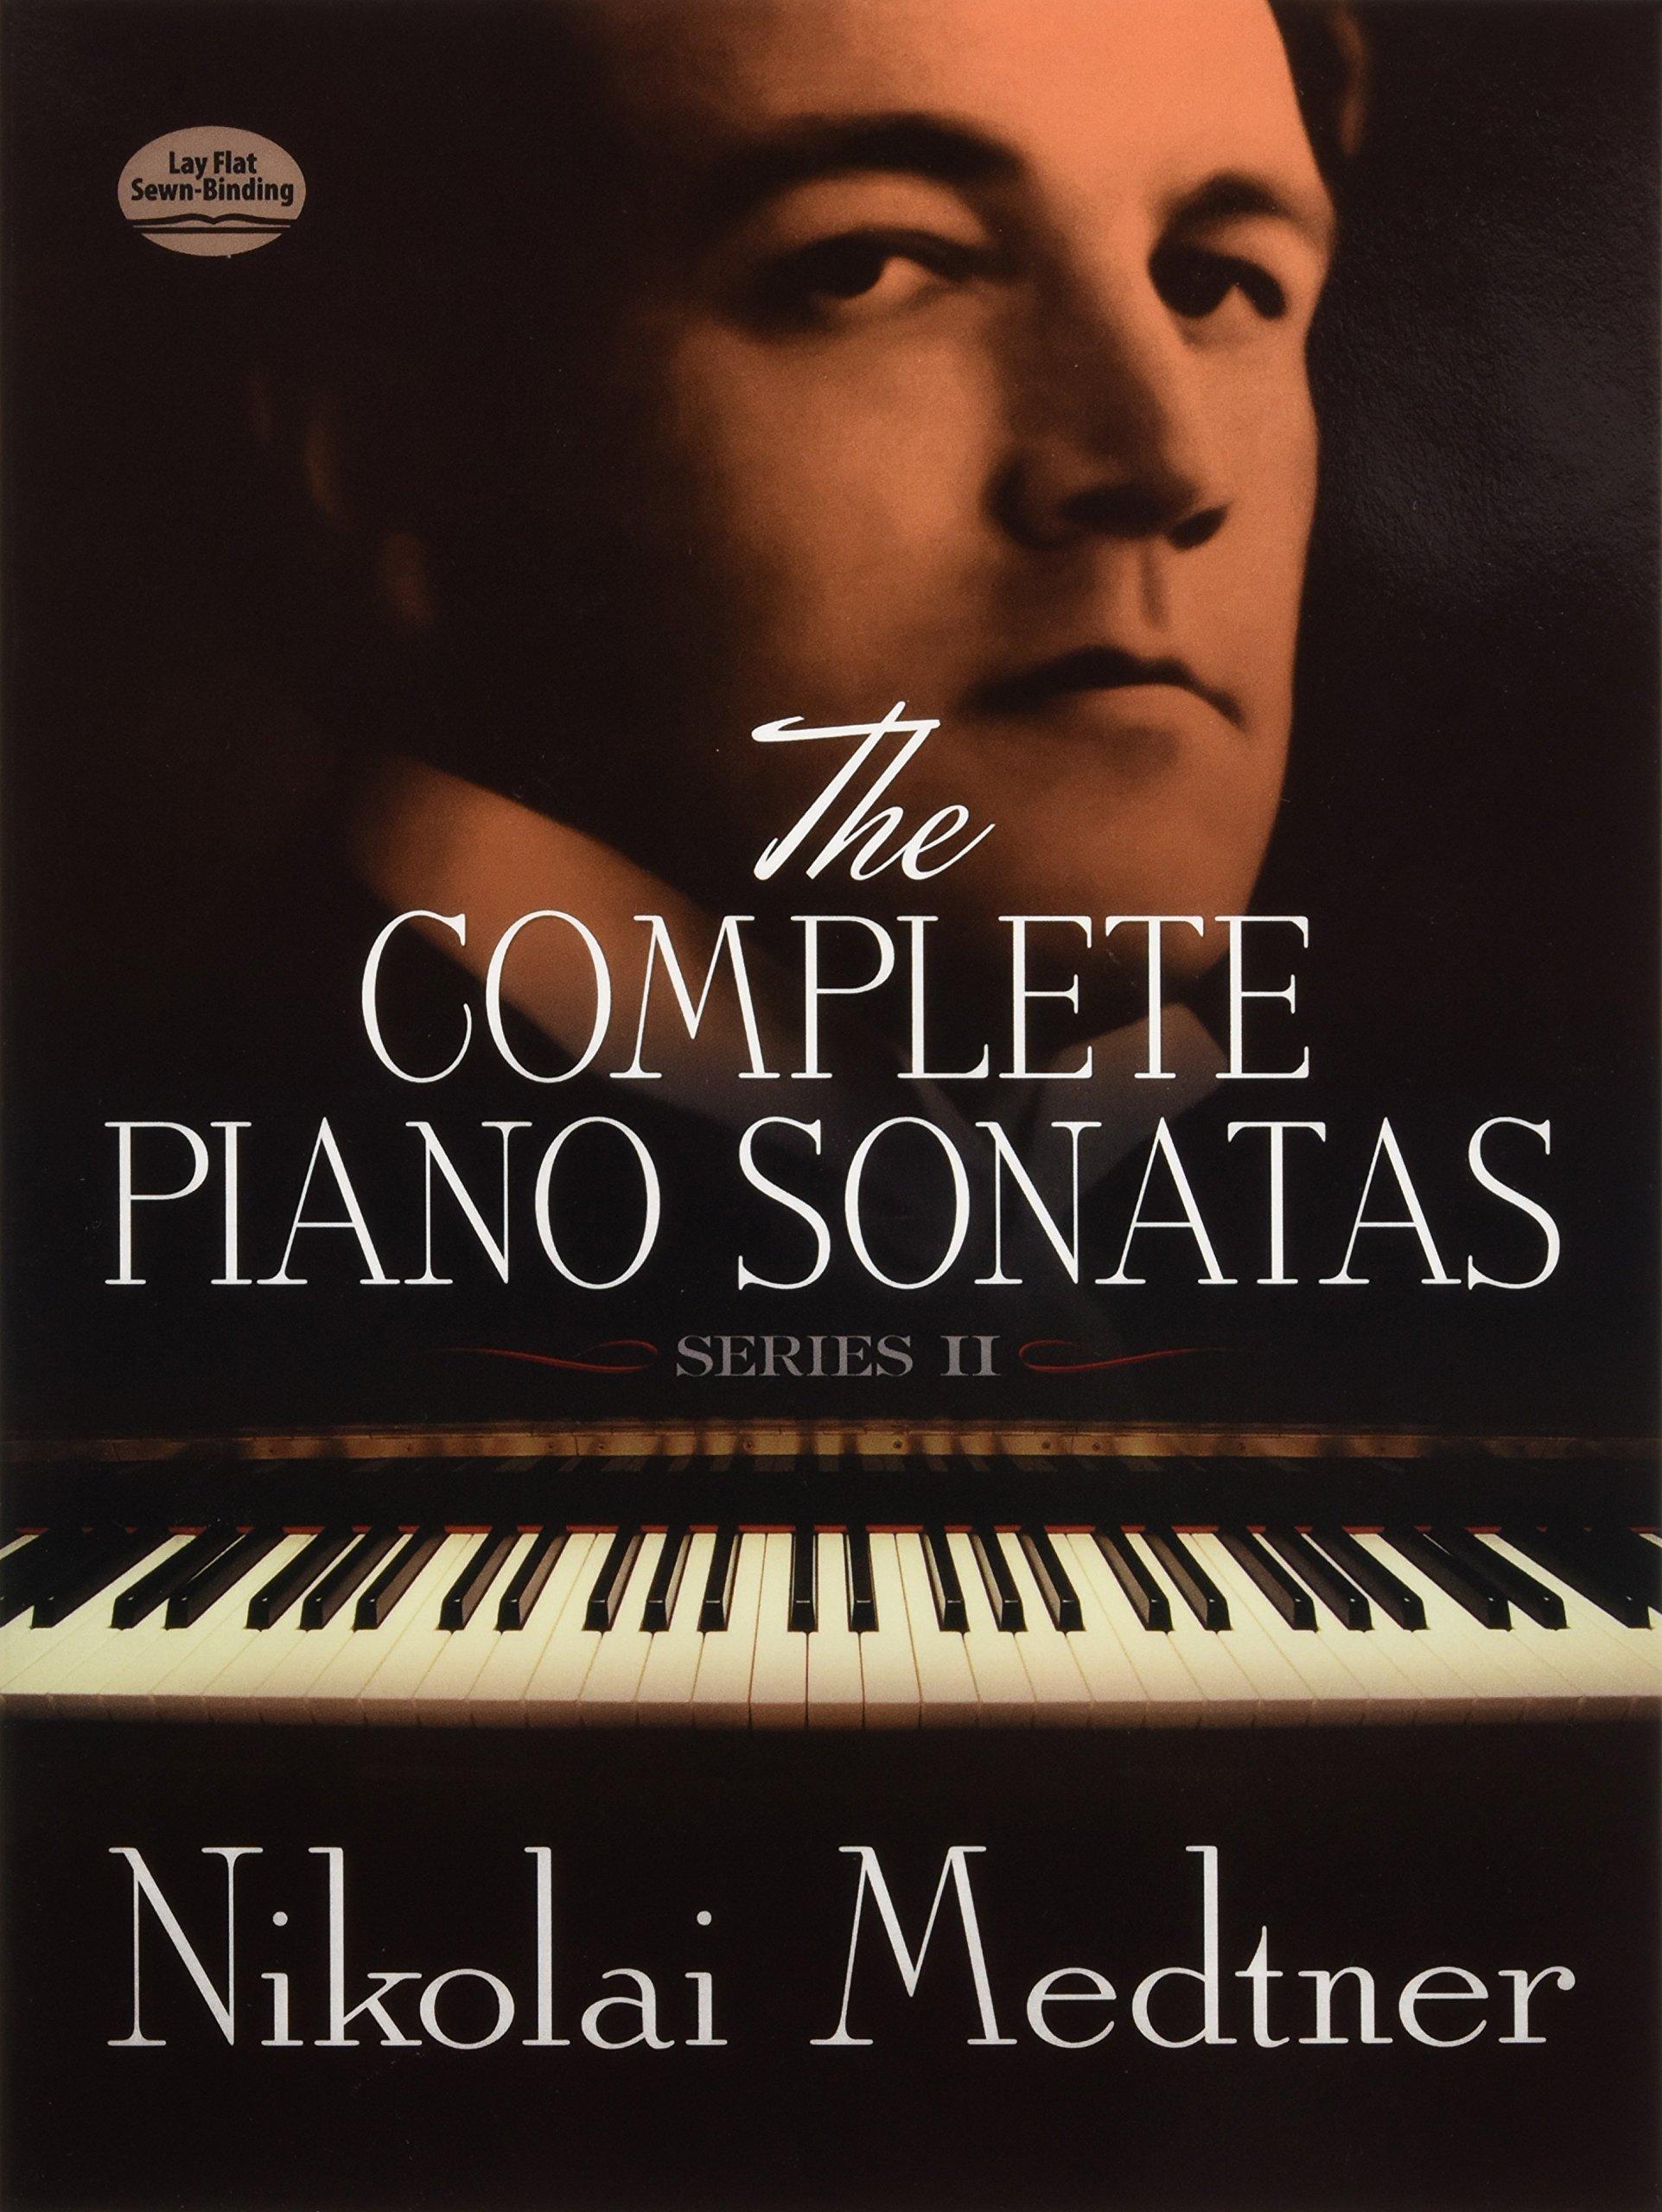 The Complete Piano Sonatas Vol. 2